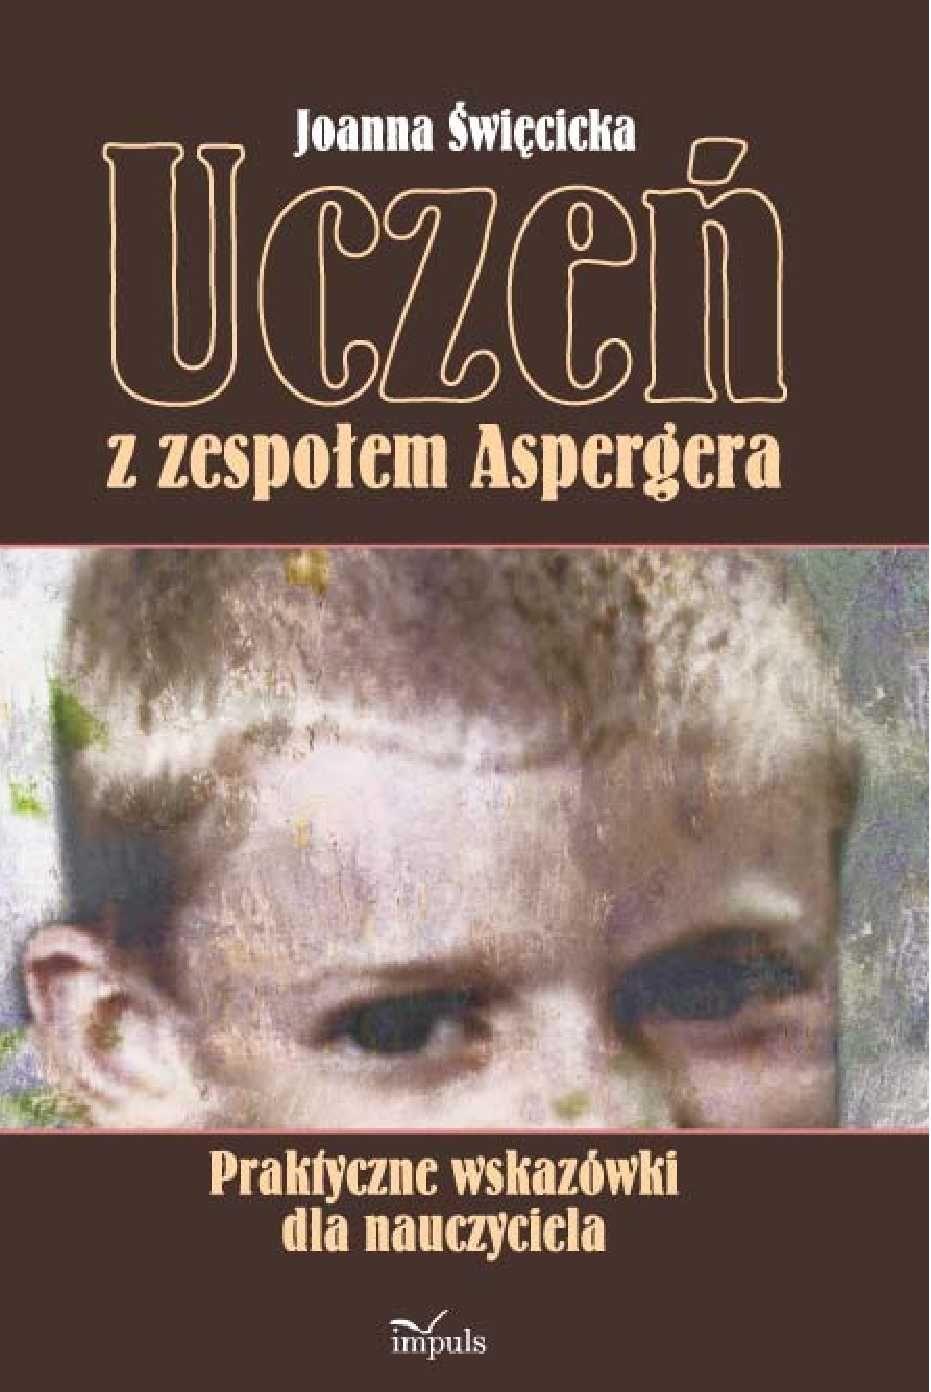 Uczeń z zespołem Aspergera - Ebook (Książka EPUB) do pobrania w formacie EPUB